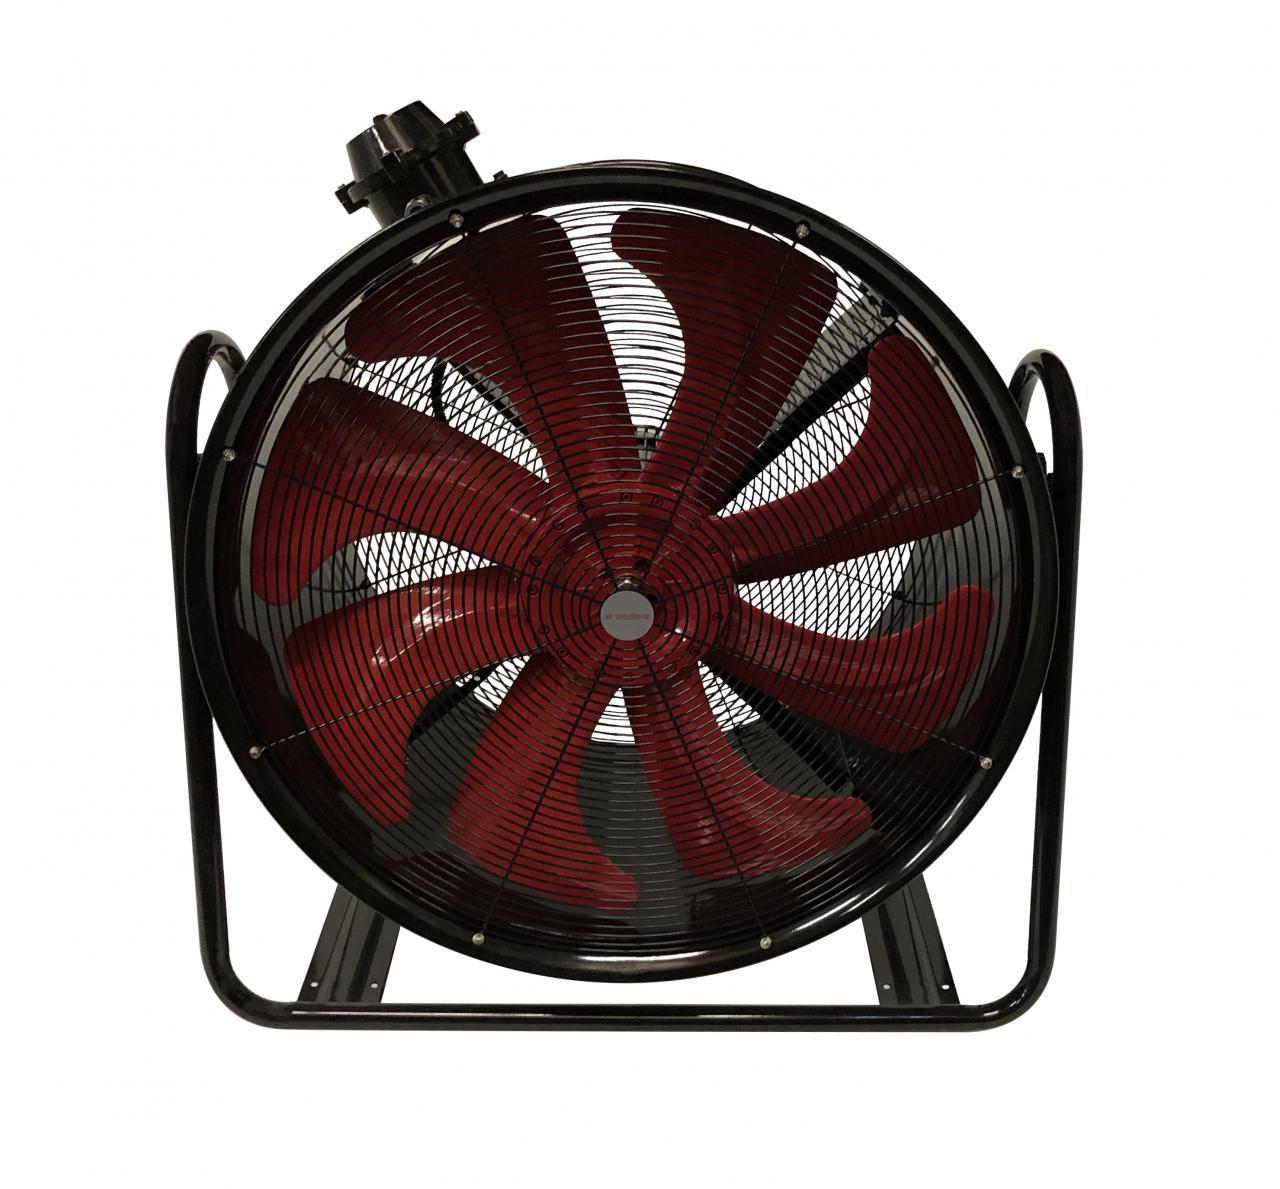 Explosion Proof Fan >> Explosion Proof Fan Atlantic Blowers Abaf 32 460e